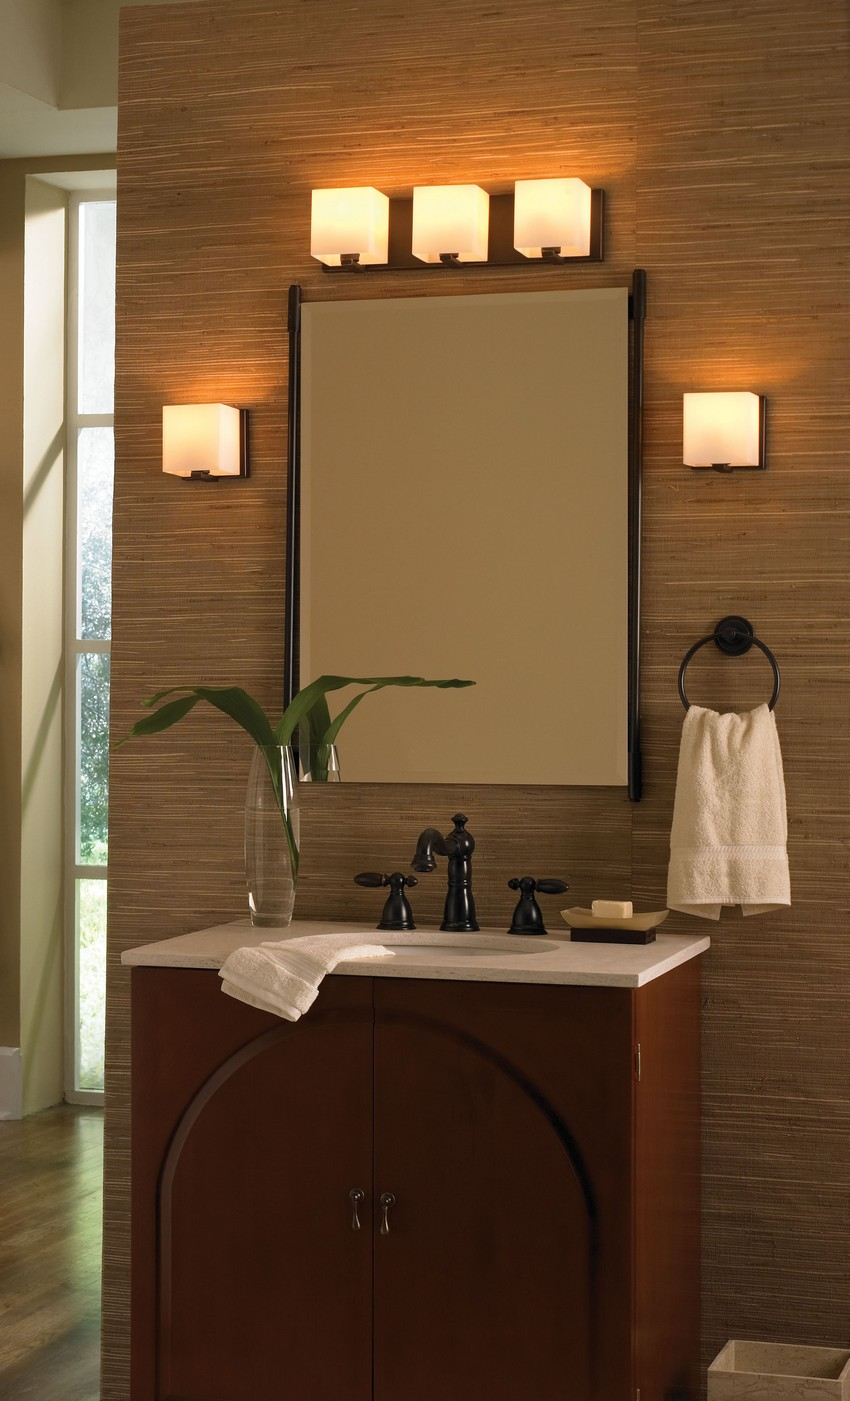 Bathroom Lighting Ideas for Bathroom Decor